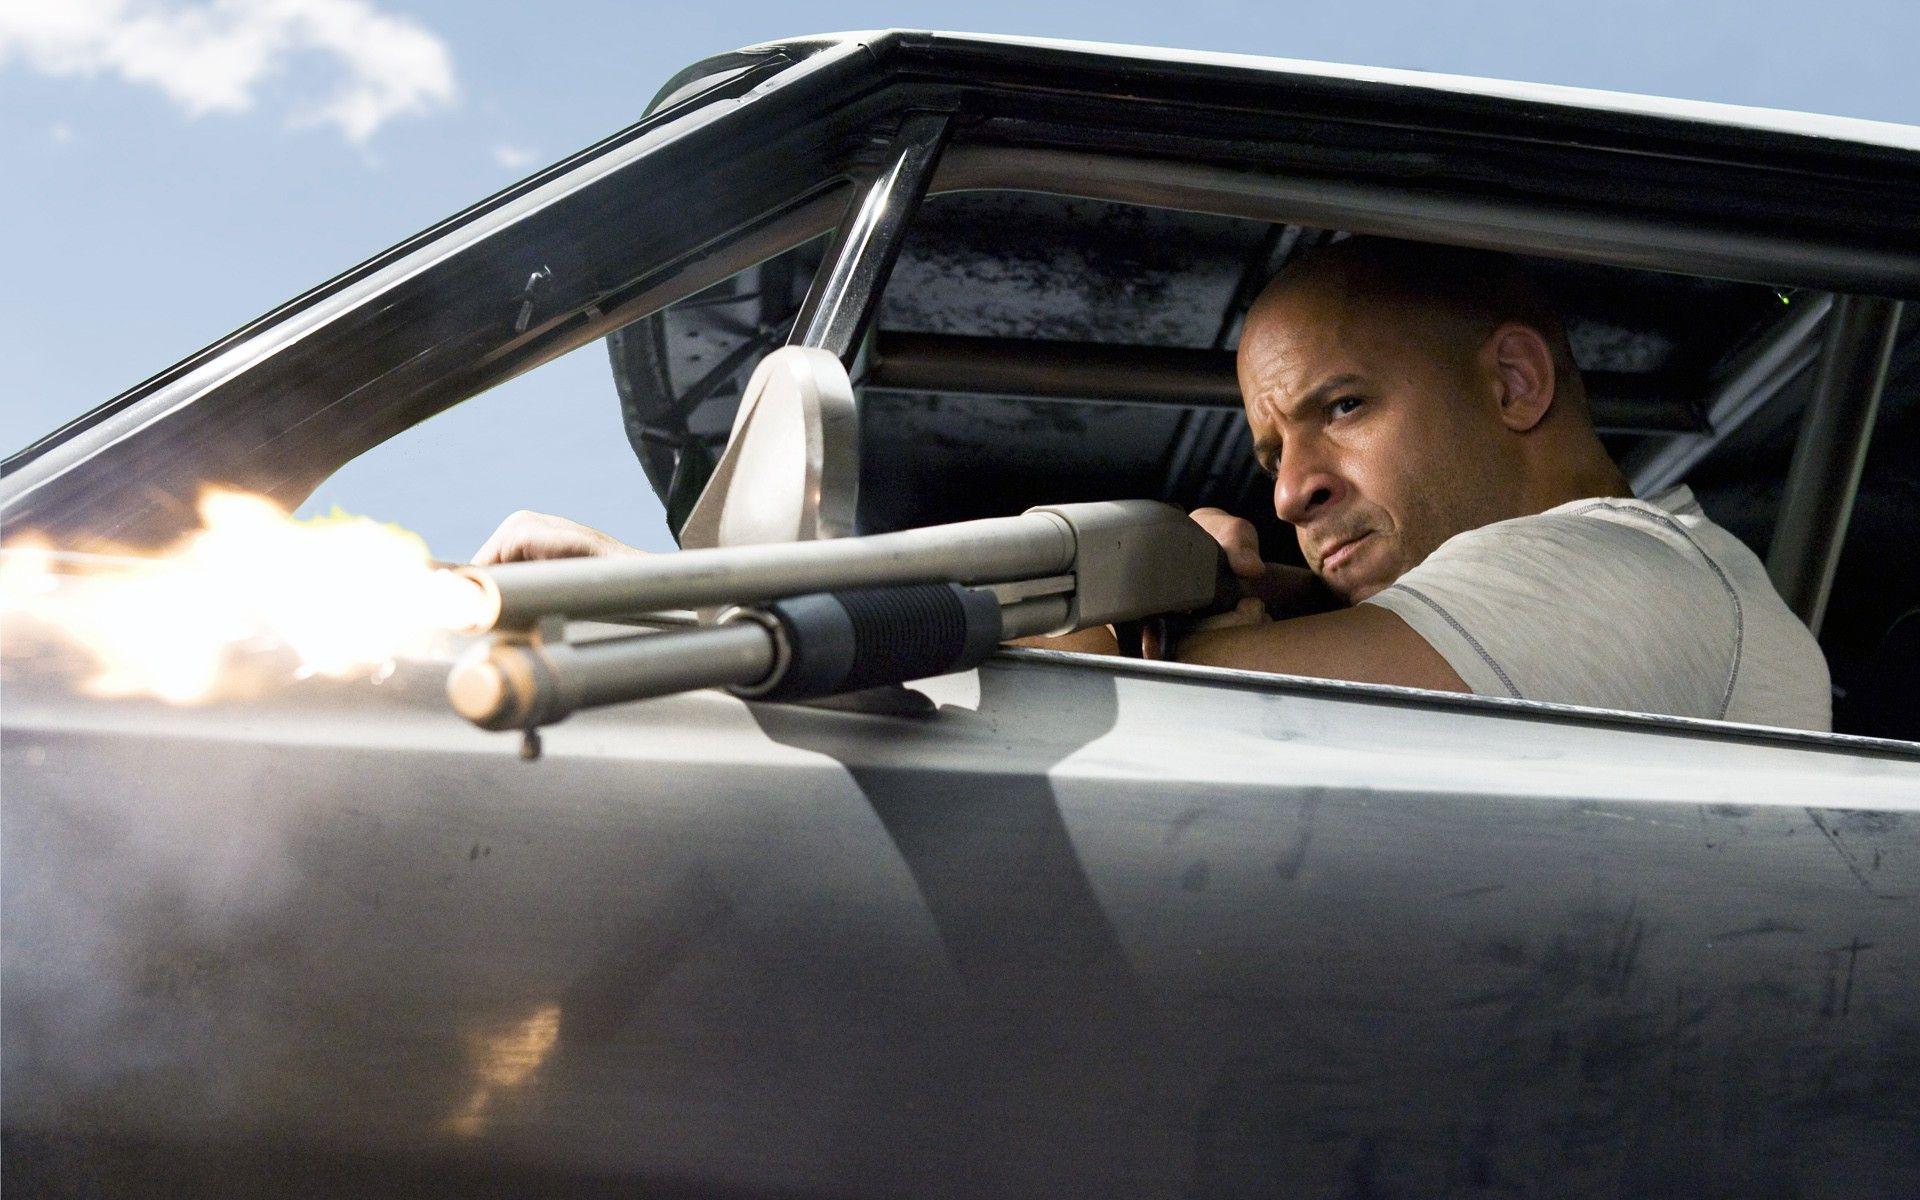 Vin Diesel Car Wallpaper Picture Spz Movie Desktop Hd Wallpapers Vin Diesel Diesel Diesel Cars